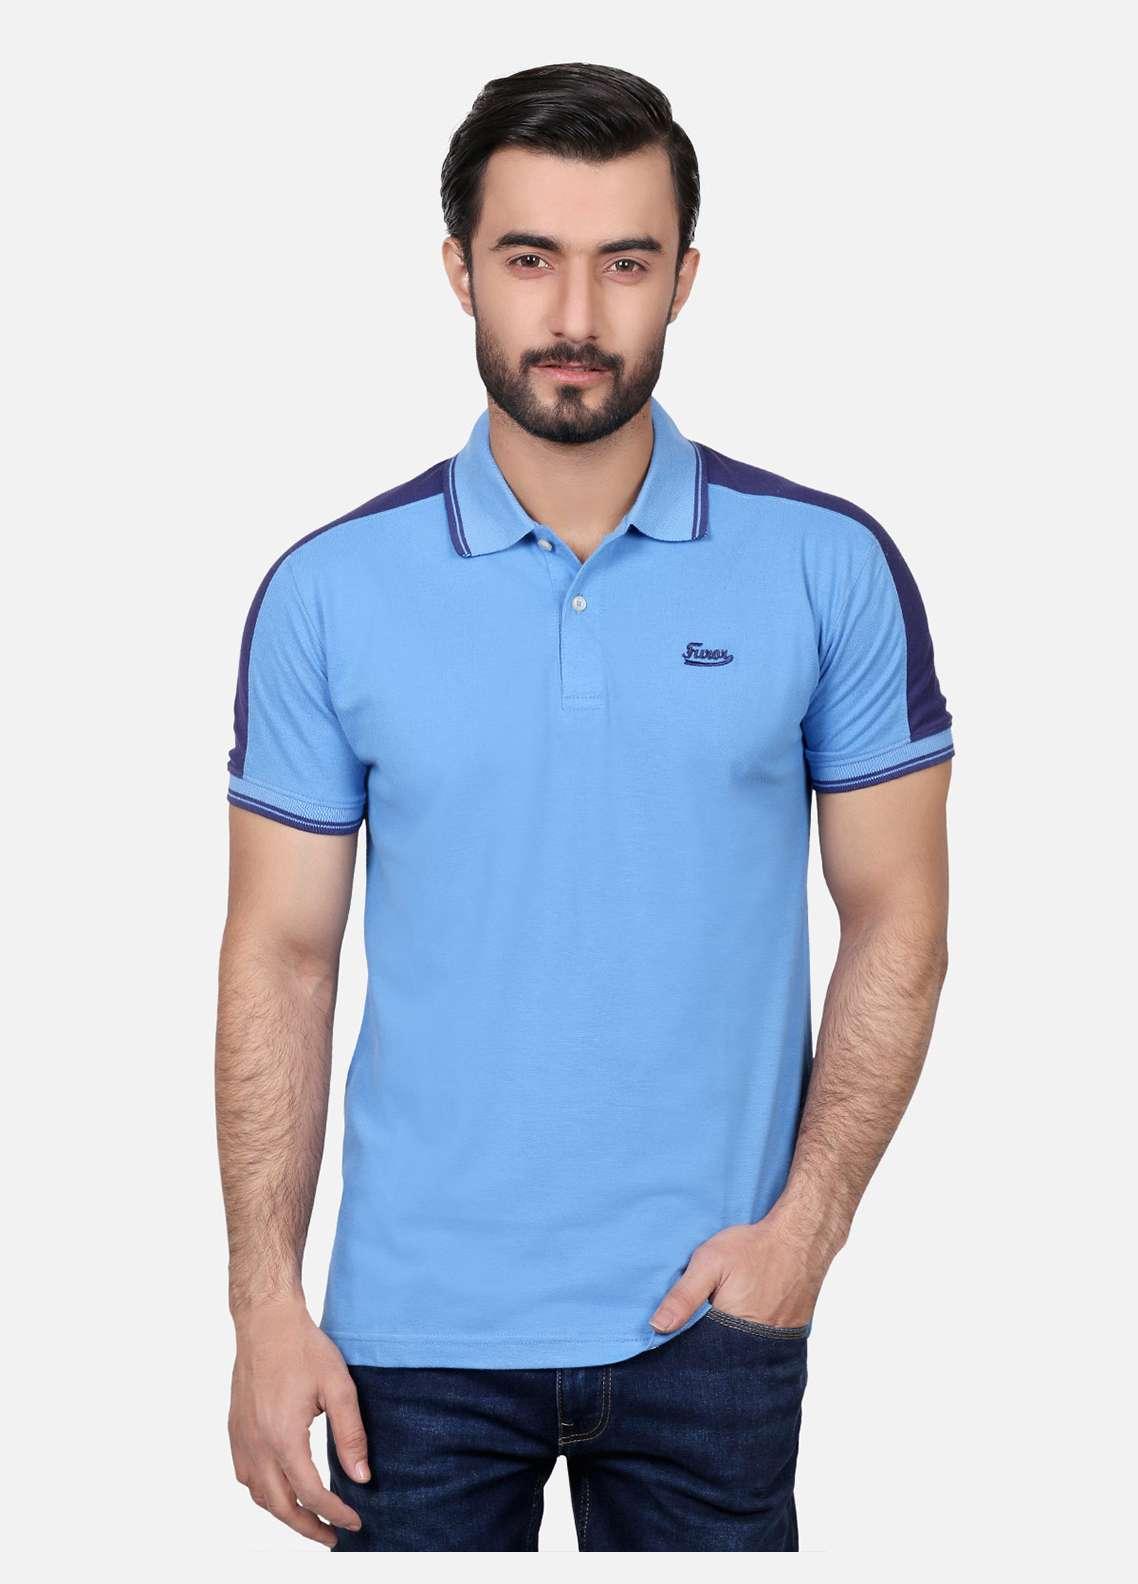 Furor Cotton Polo Men T-Shirts - Blue FRM18PS 023